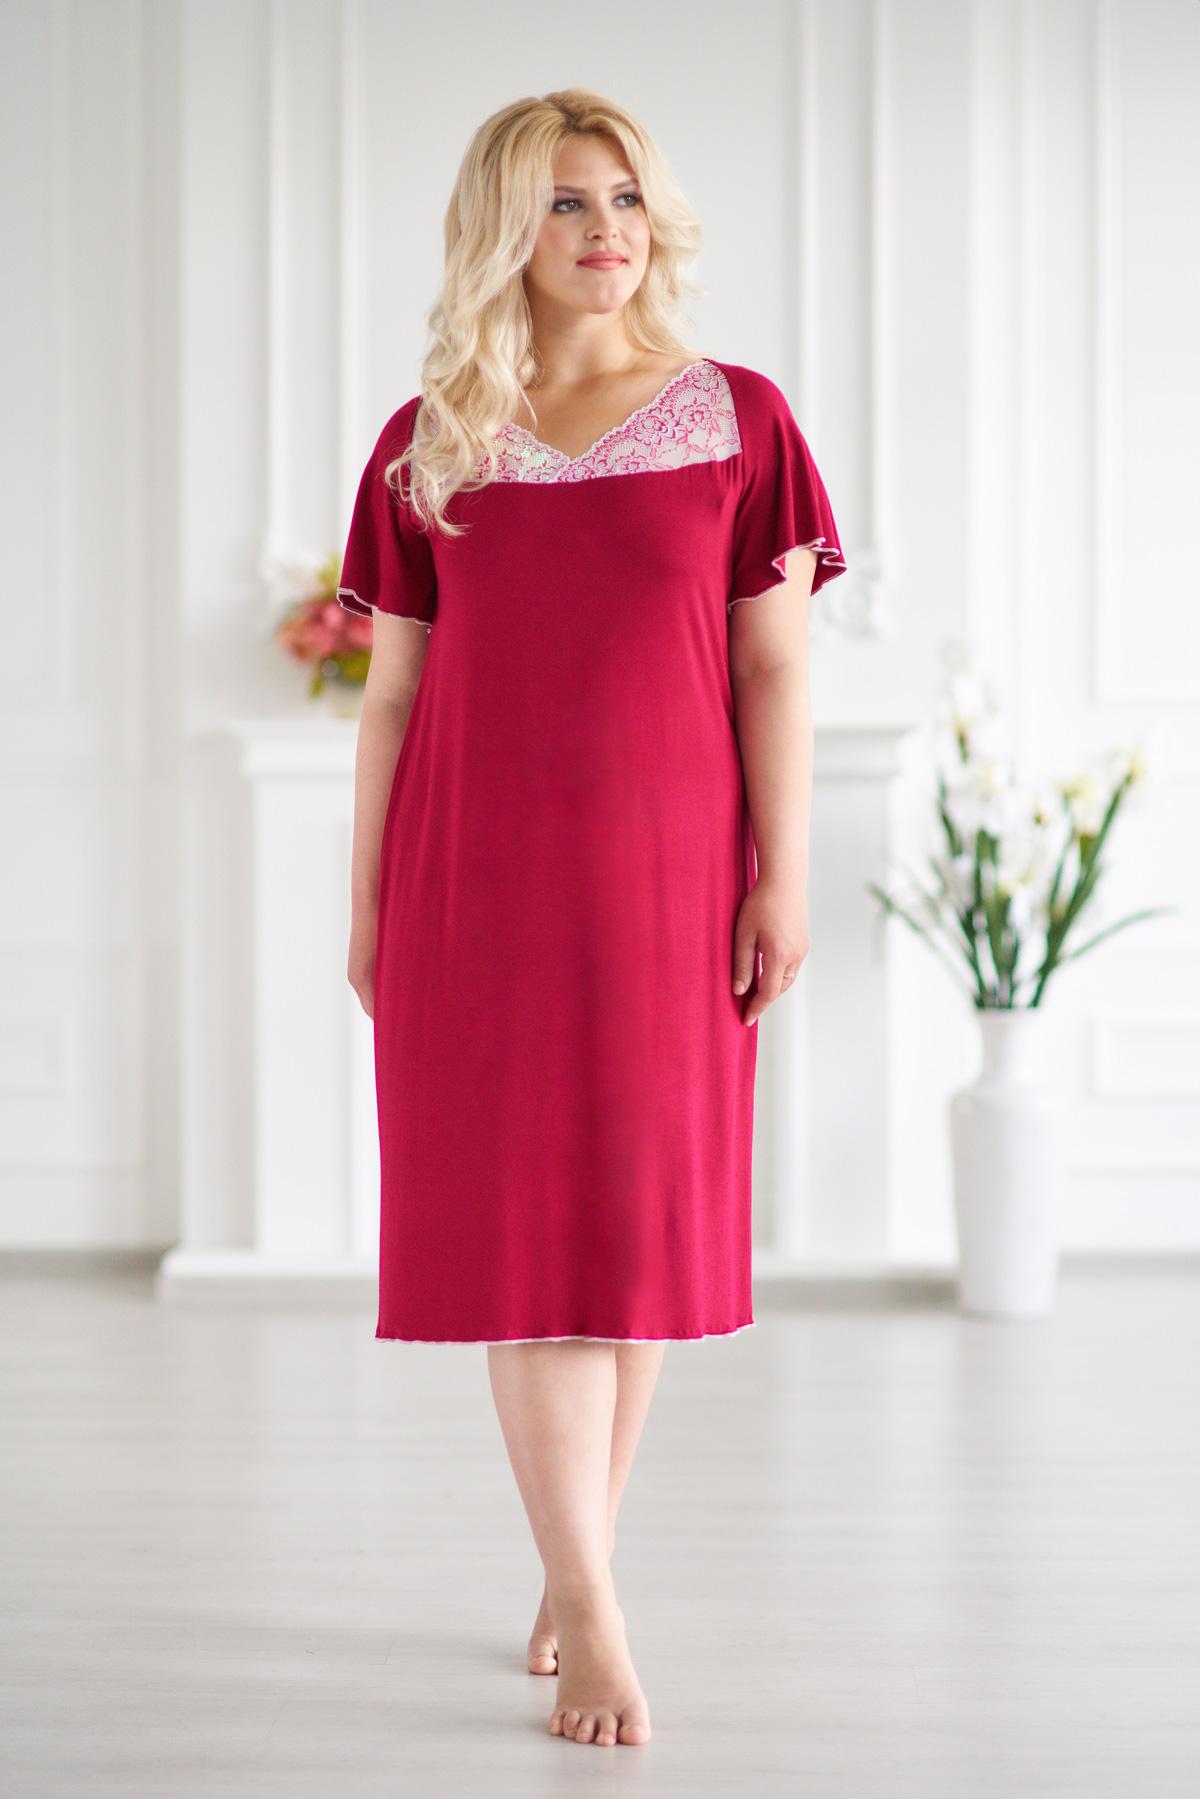 Жен. сорочка арт. 19-0053 Бордо р. 60Ночные сорочки<br>Факт. ОГ: 120 см <br>Факт. ОТ: 124 см <br>Факт. ОБ: 130 см <br>Длина по спинке: 100 см<br><br>Тип: Жен. сорочка<br>Размер: 60<br>Материал: Вискоза